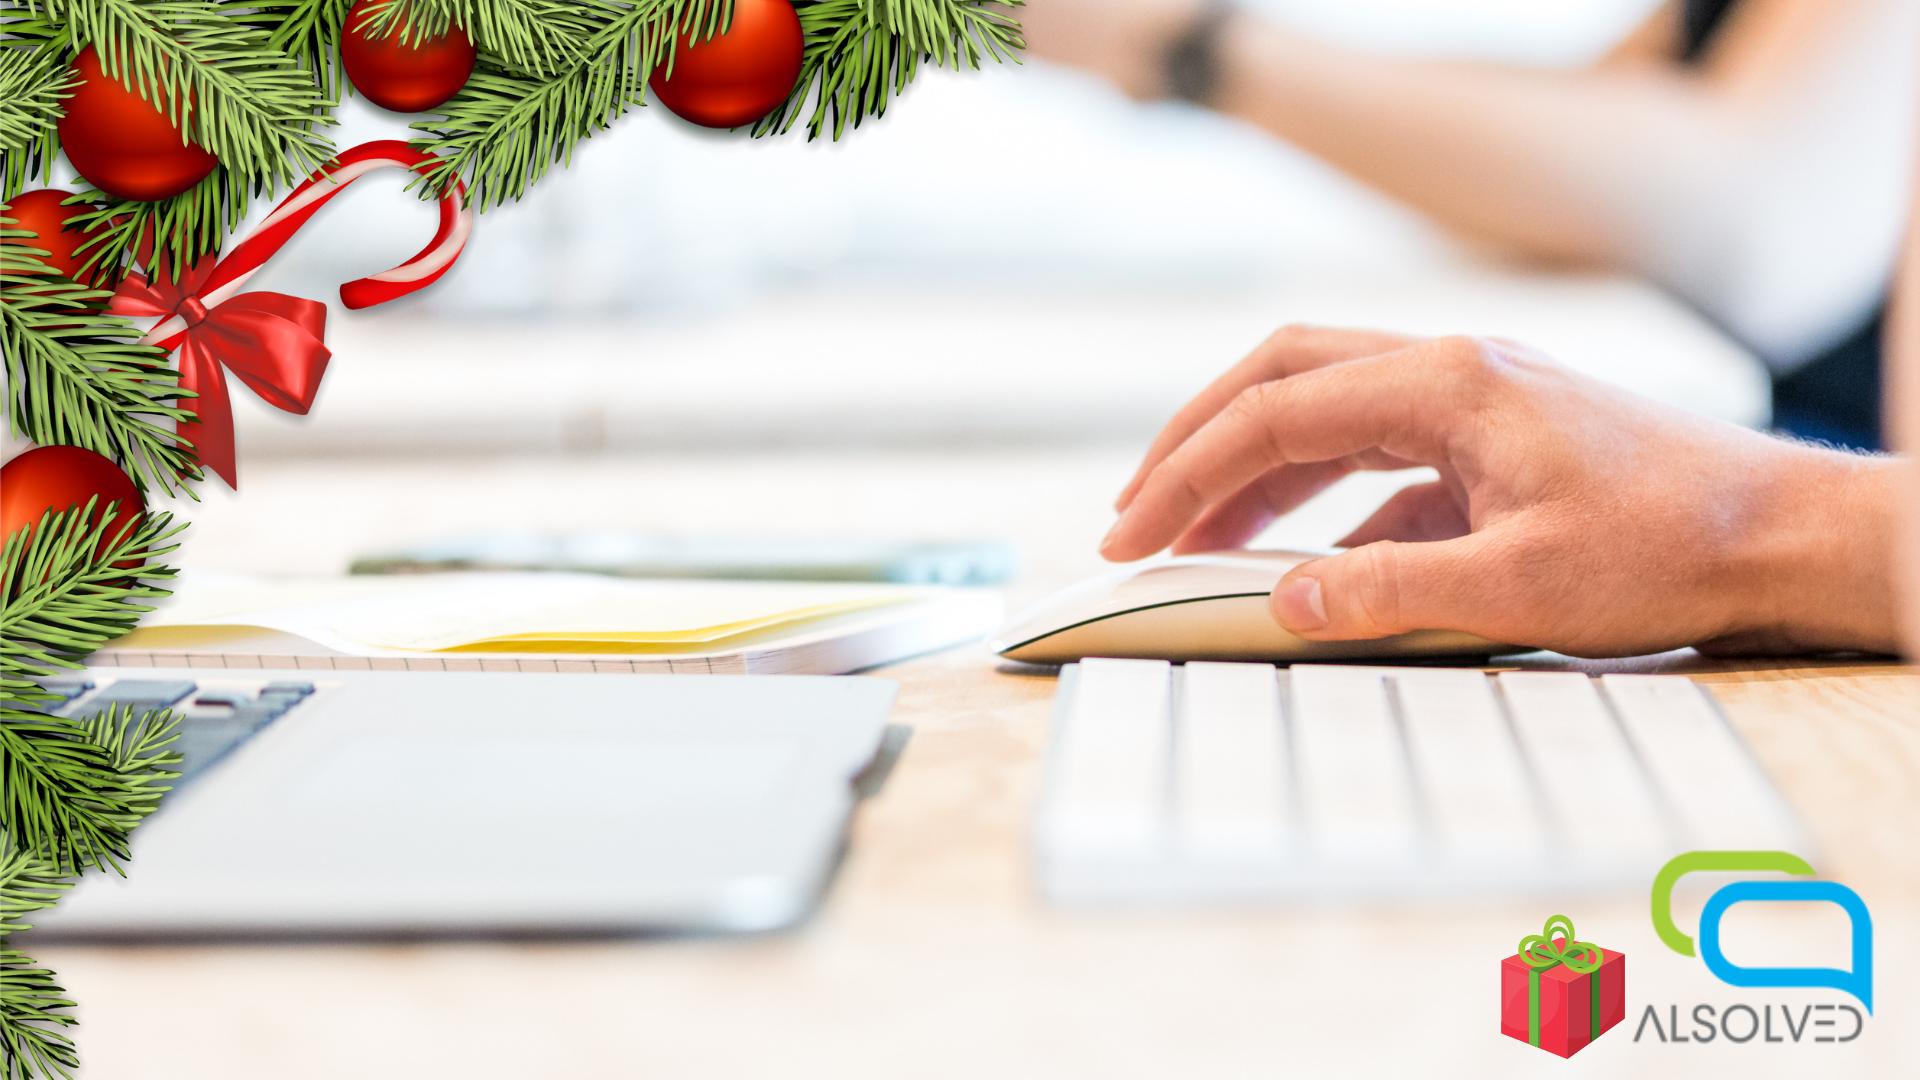 Il web può allietare il momento che fa arrivare esasperati alla Vigilia: la ricerca dei regali.